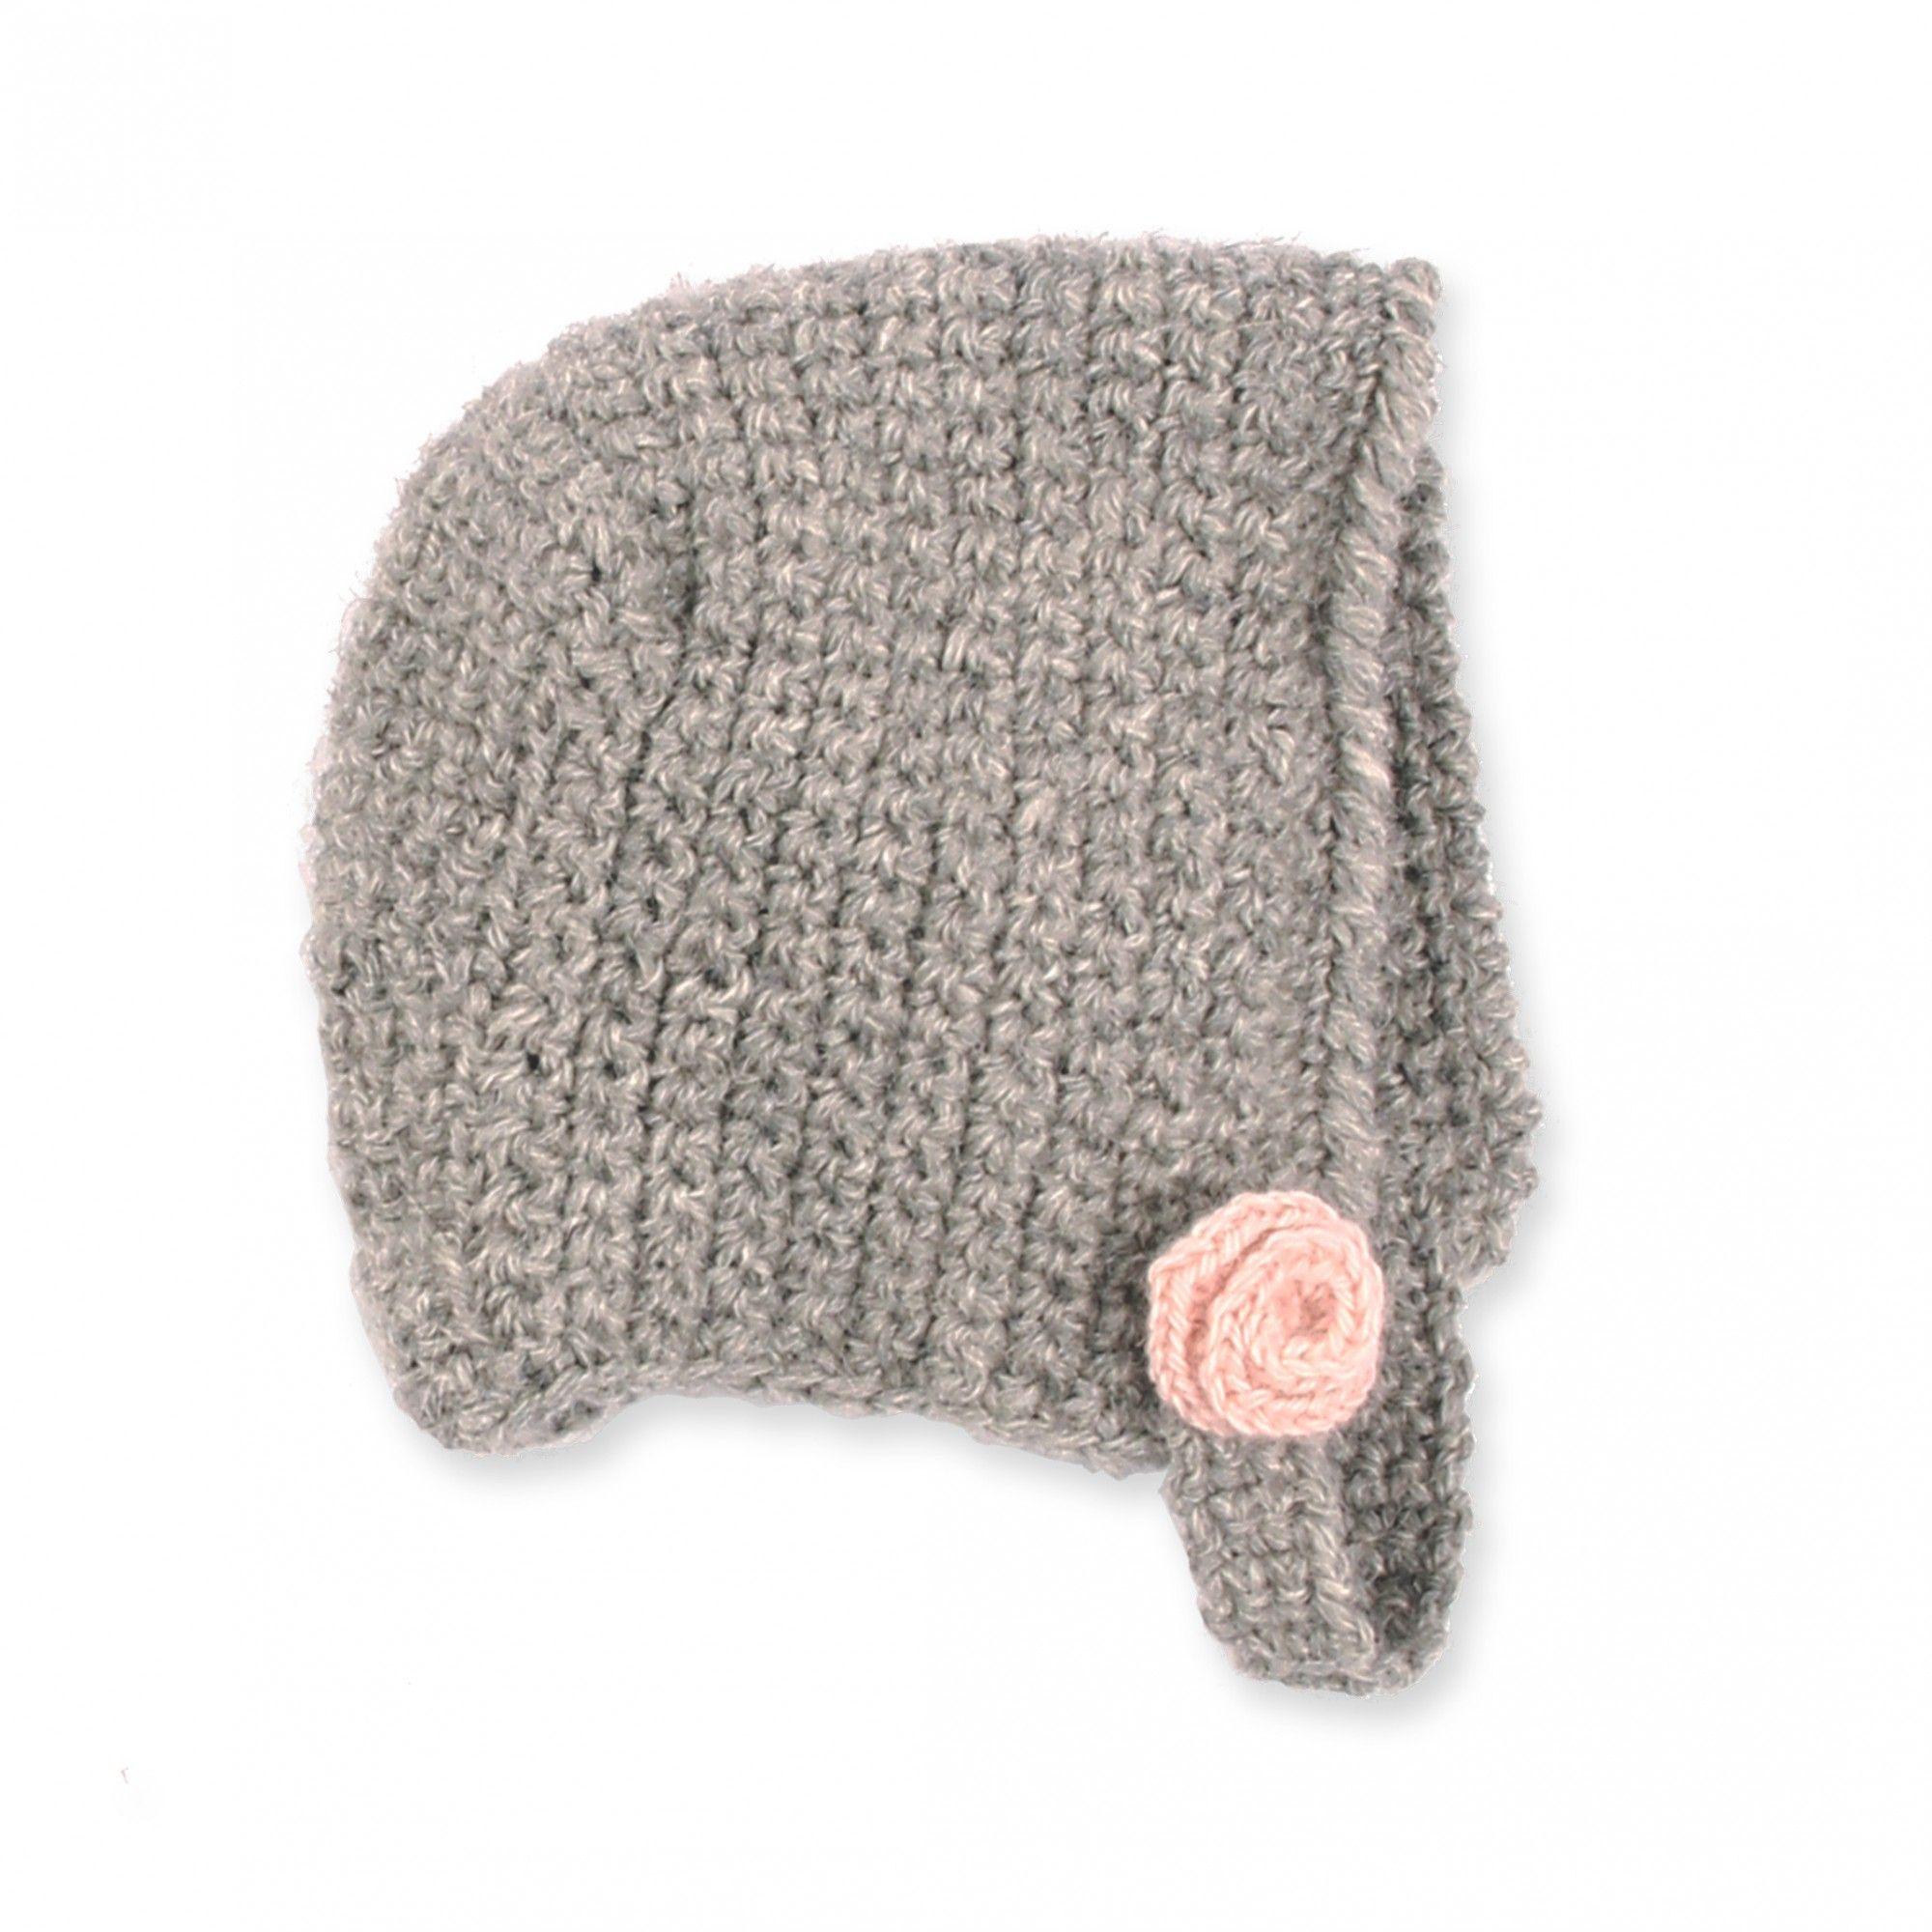 Béguin bébé gris et rose en laine d alpaga   Fiber Crafts ... 265a2a8bafe